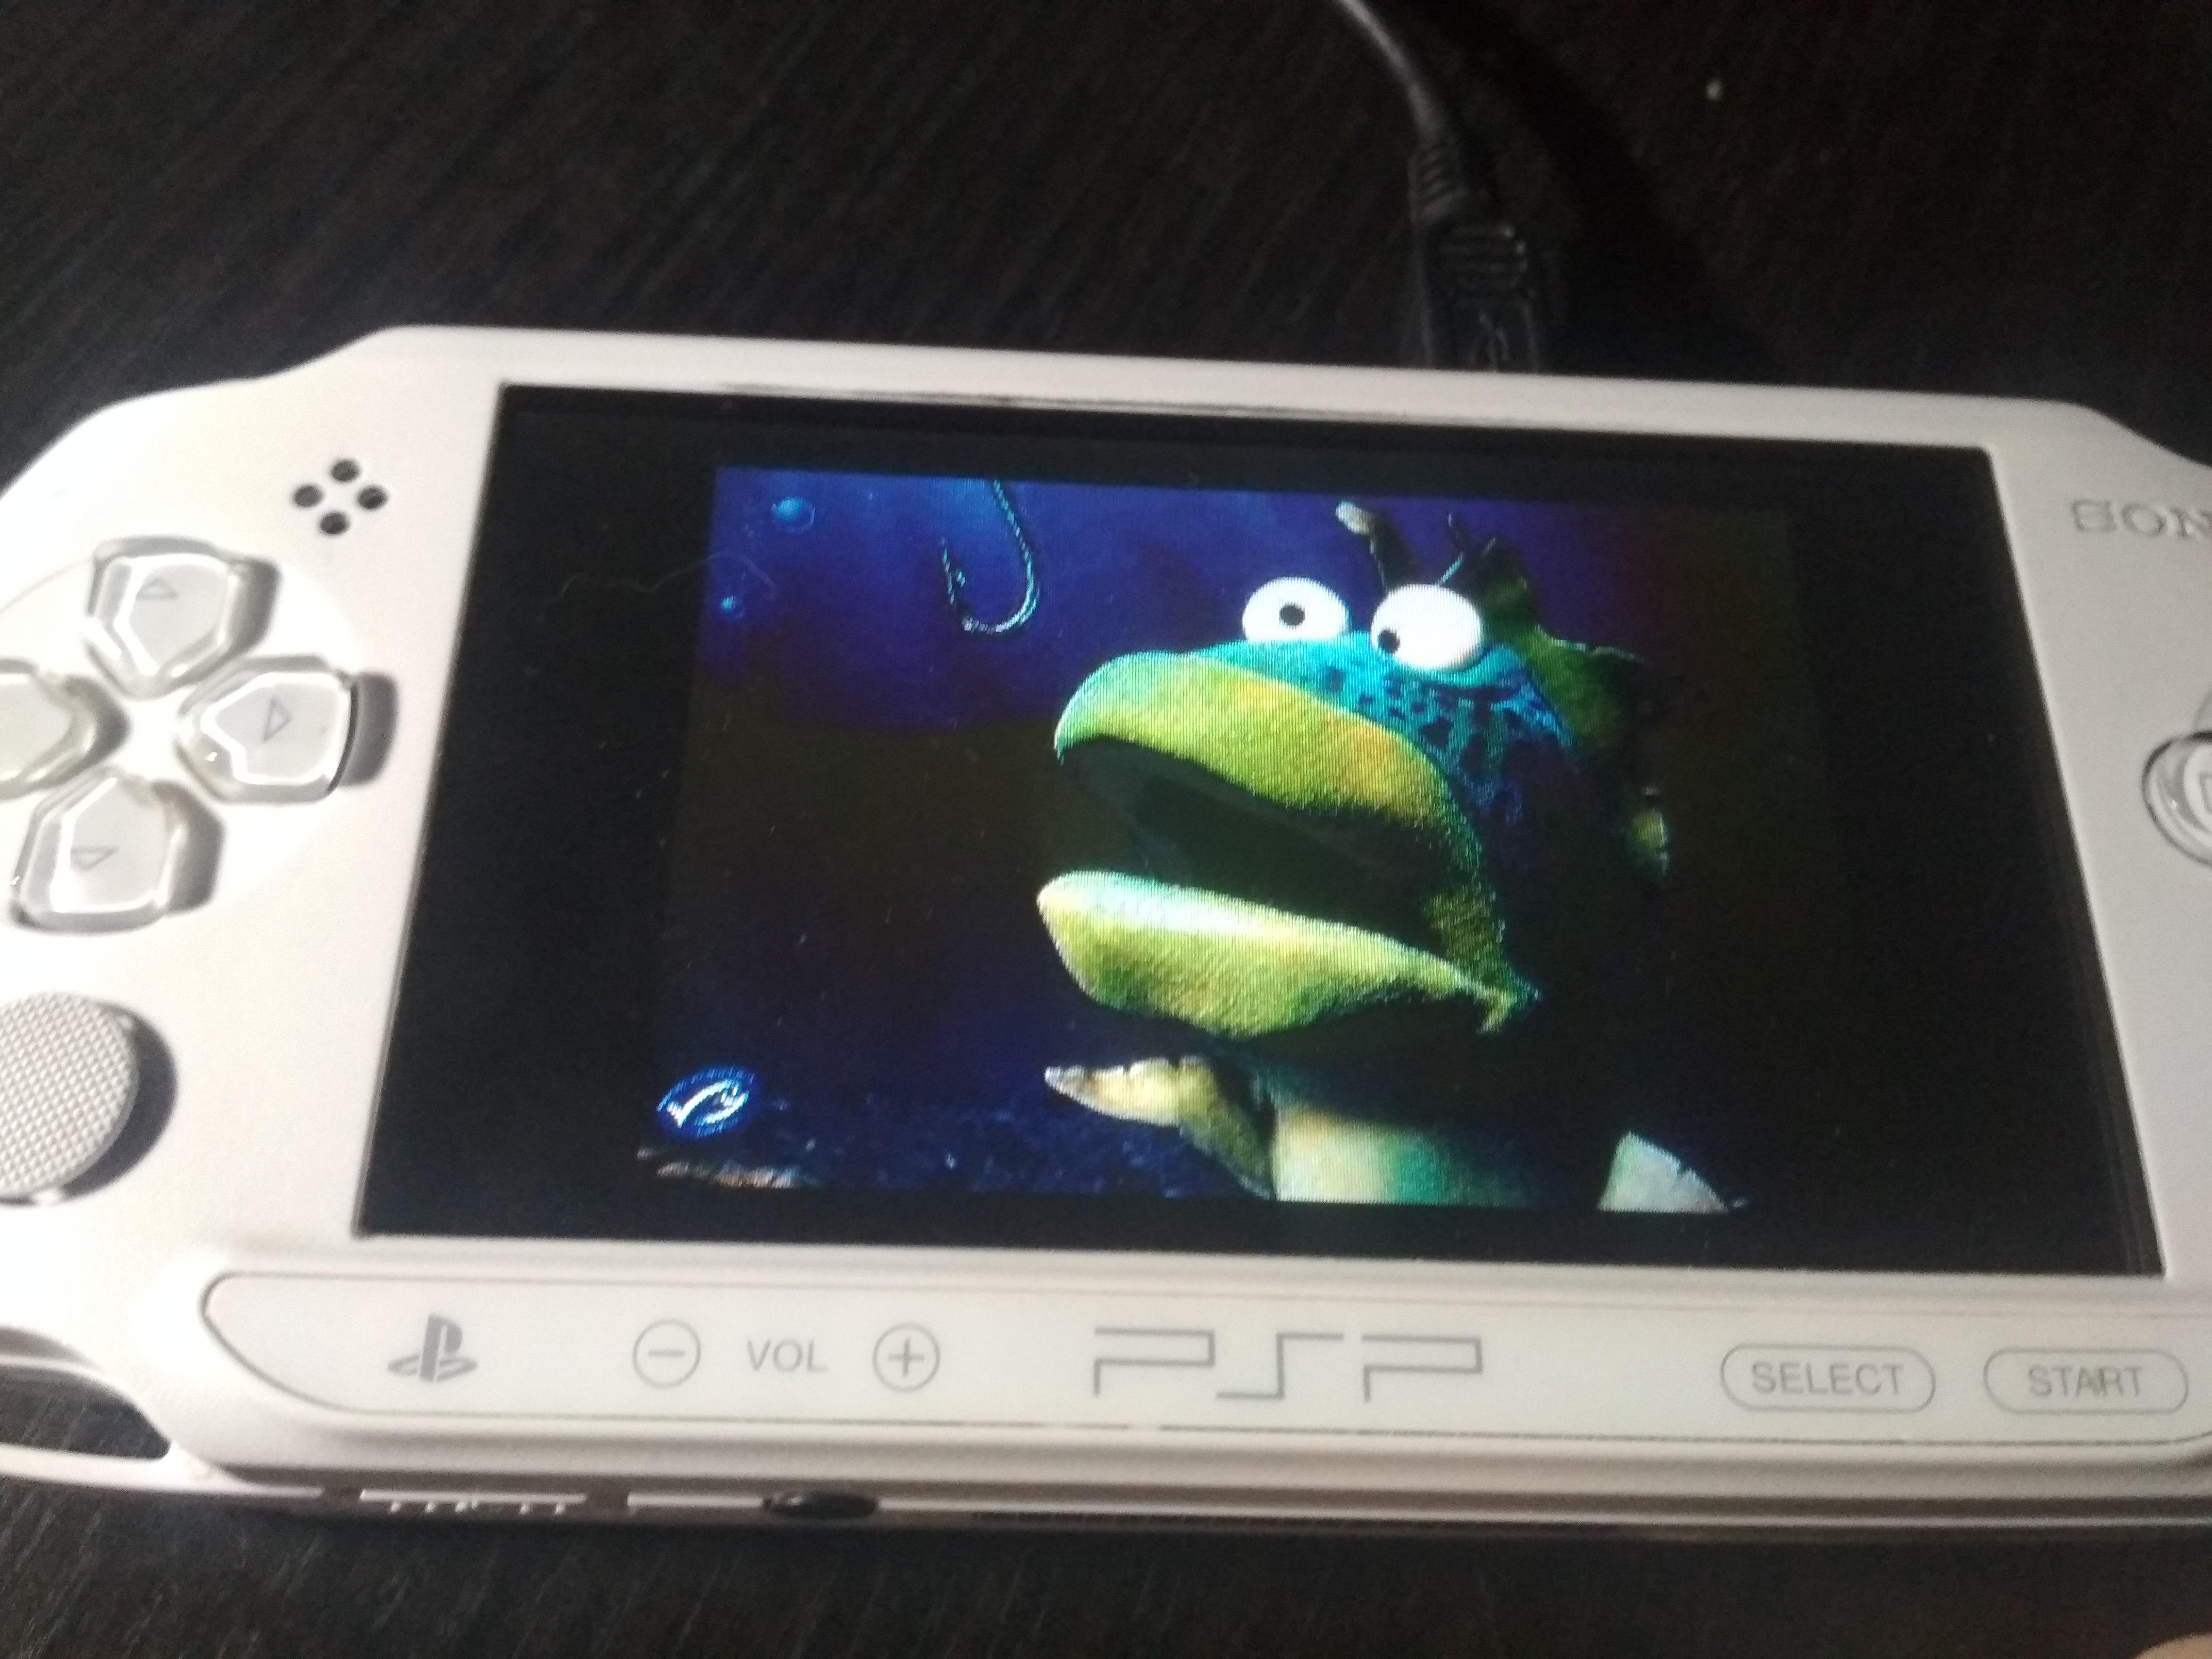 PSP Flight : A Flight Simulator for PSP